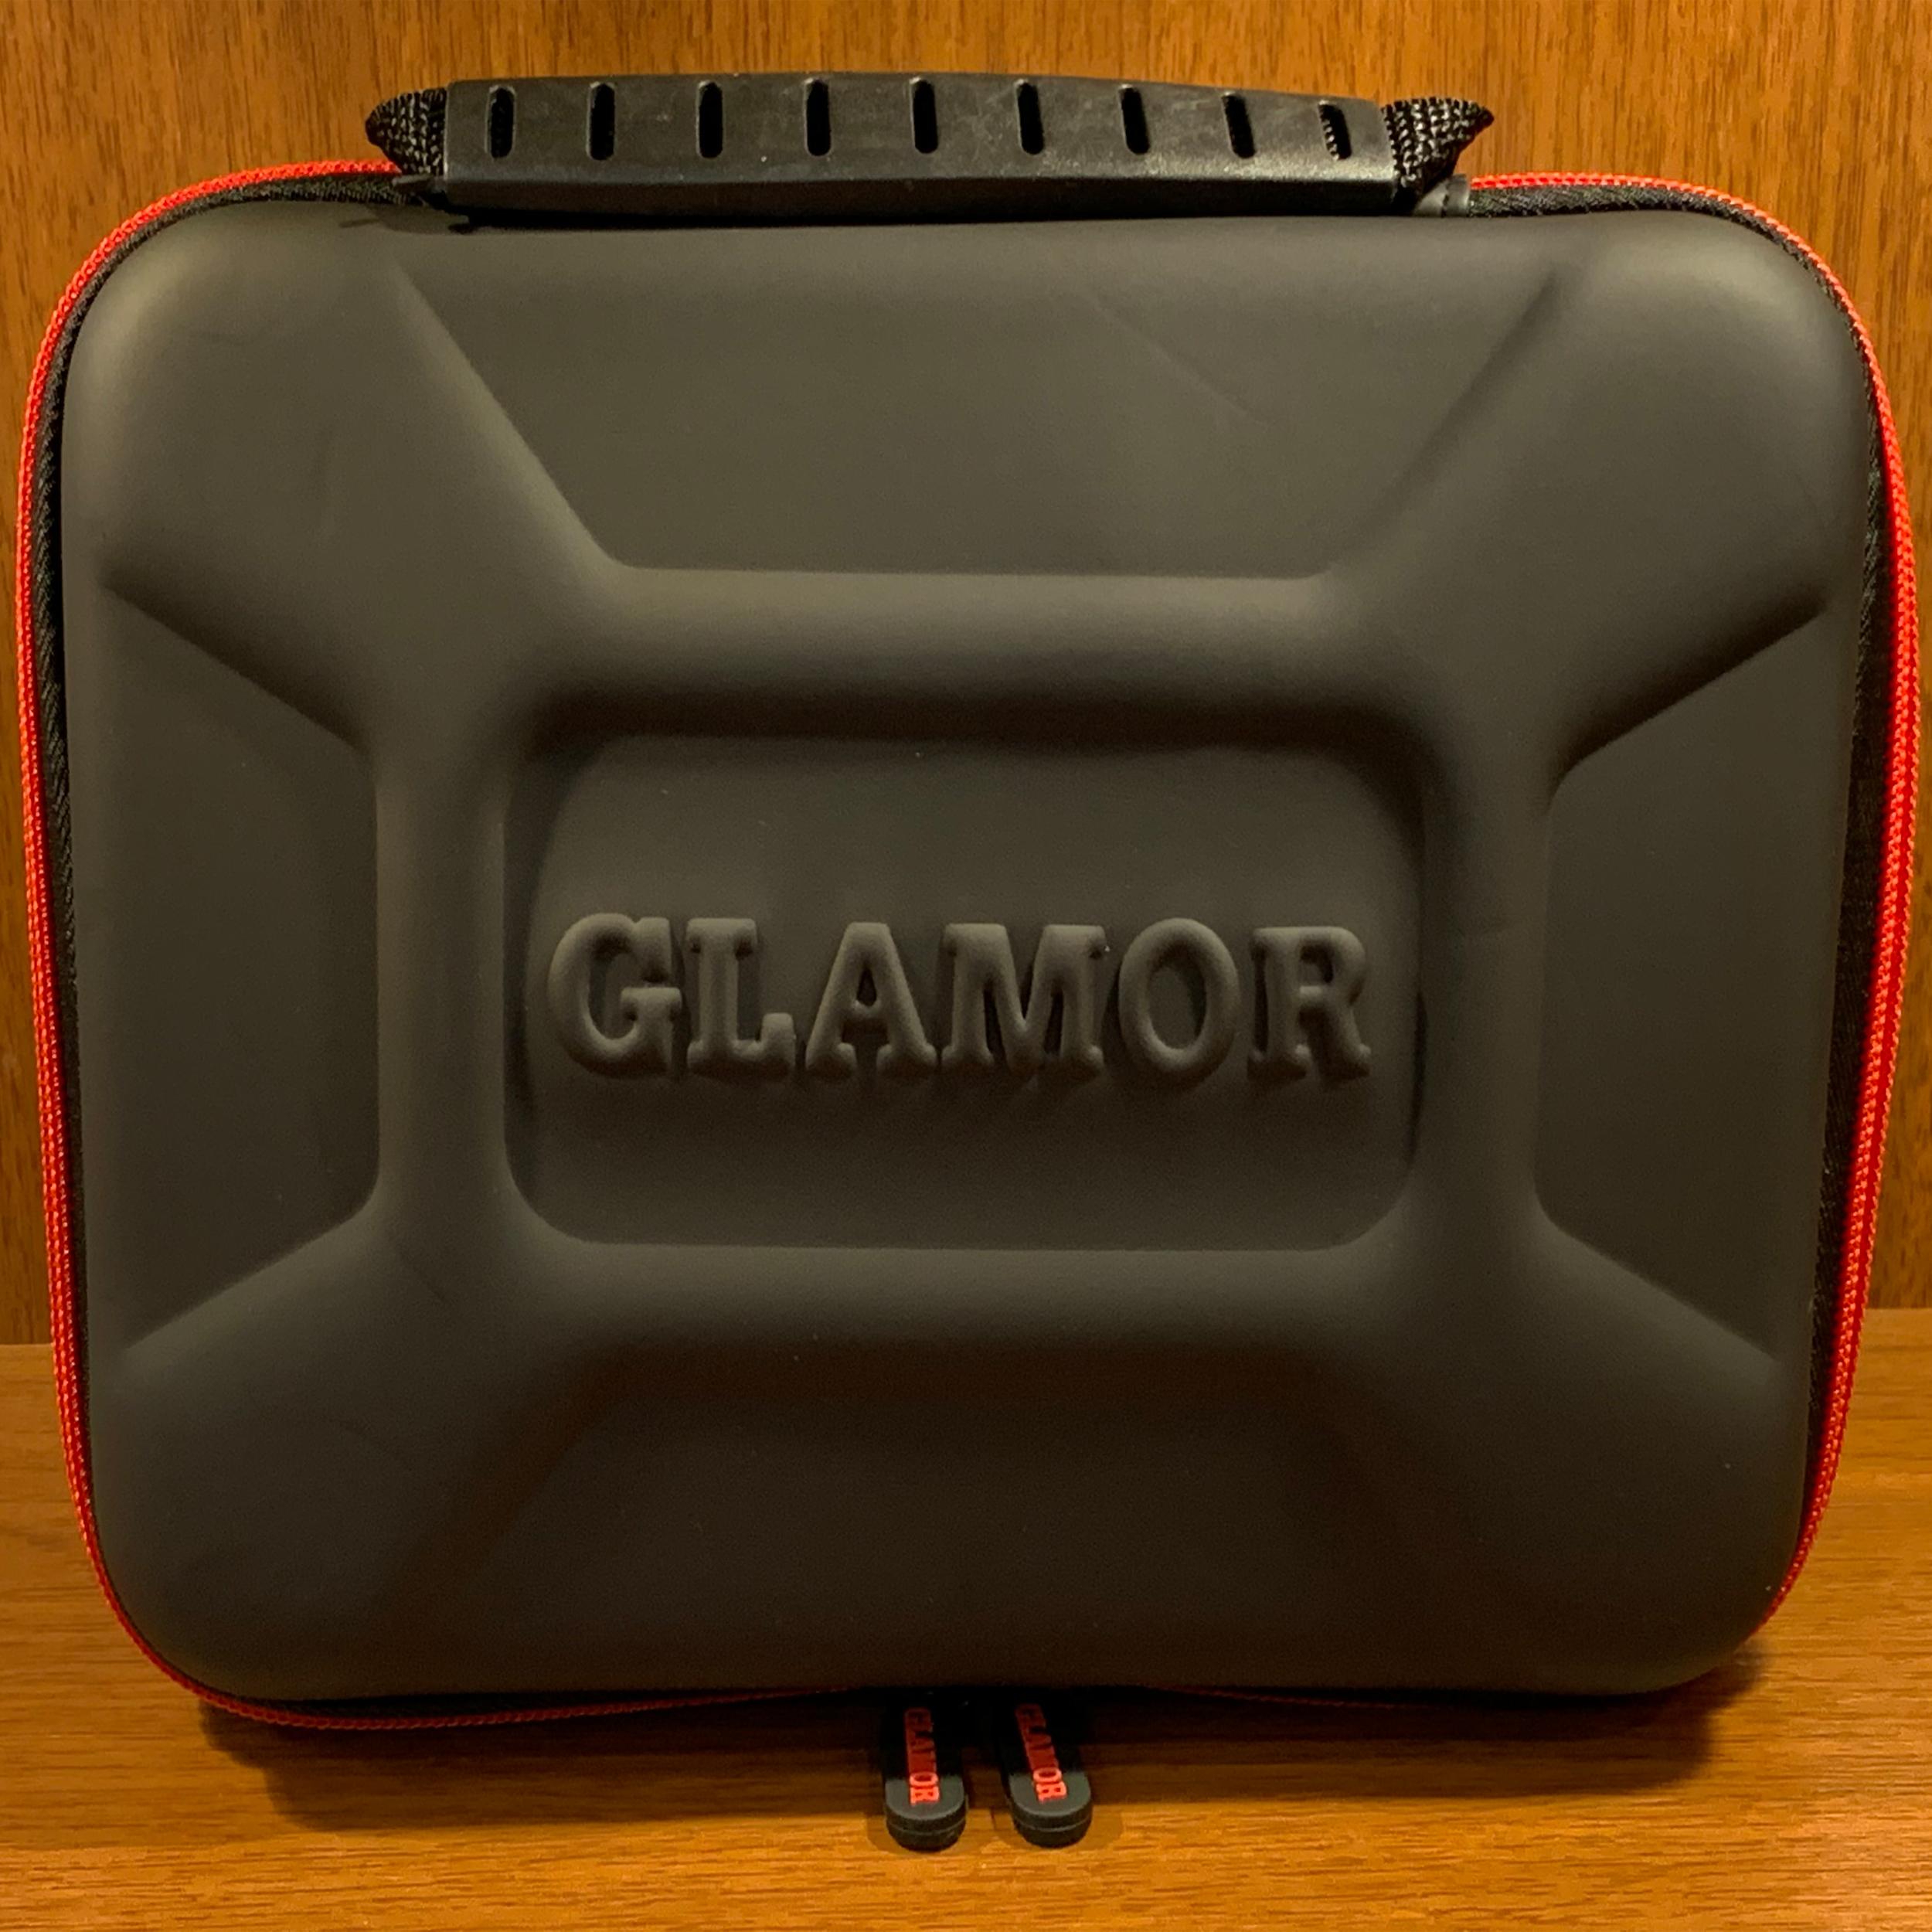 خرید                                     فشارسنج دیجیتال گلامور مدل HL858GC